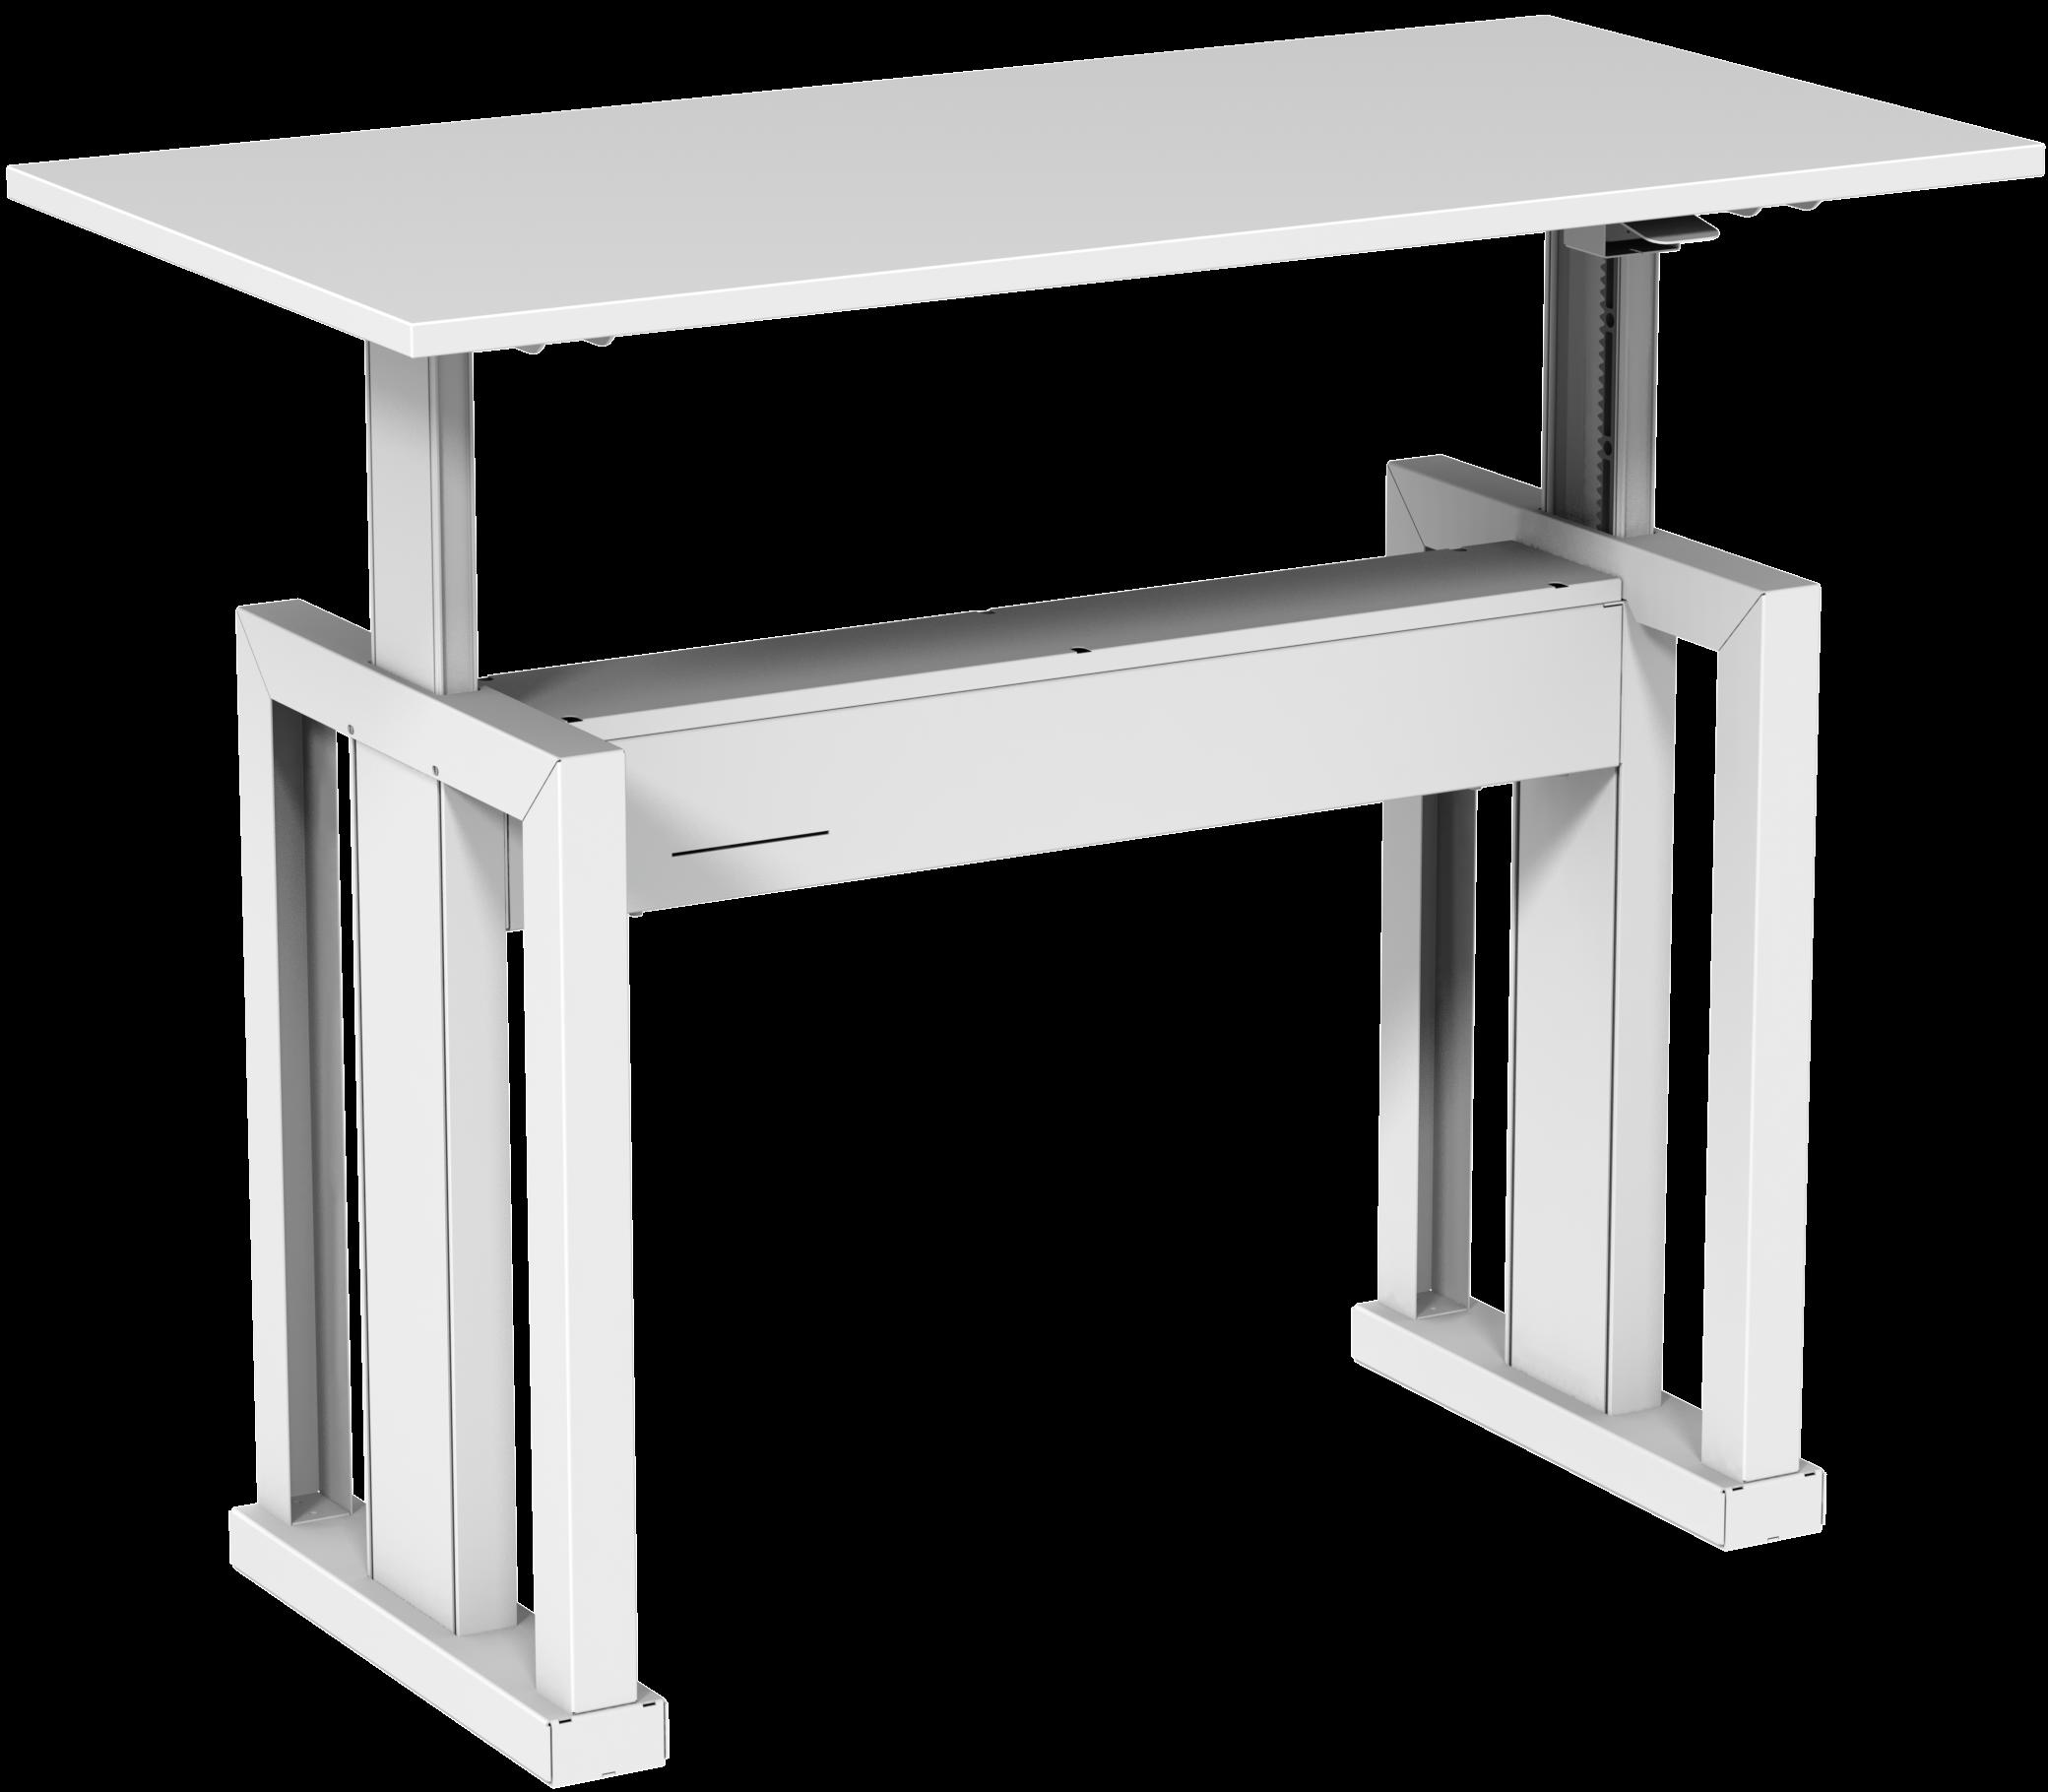 Mesa com regulagem de altura